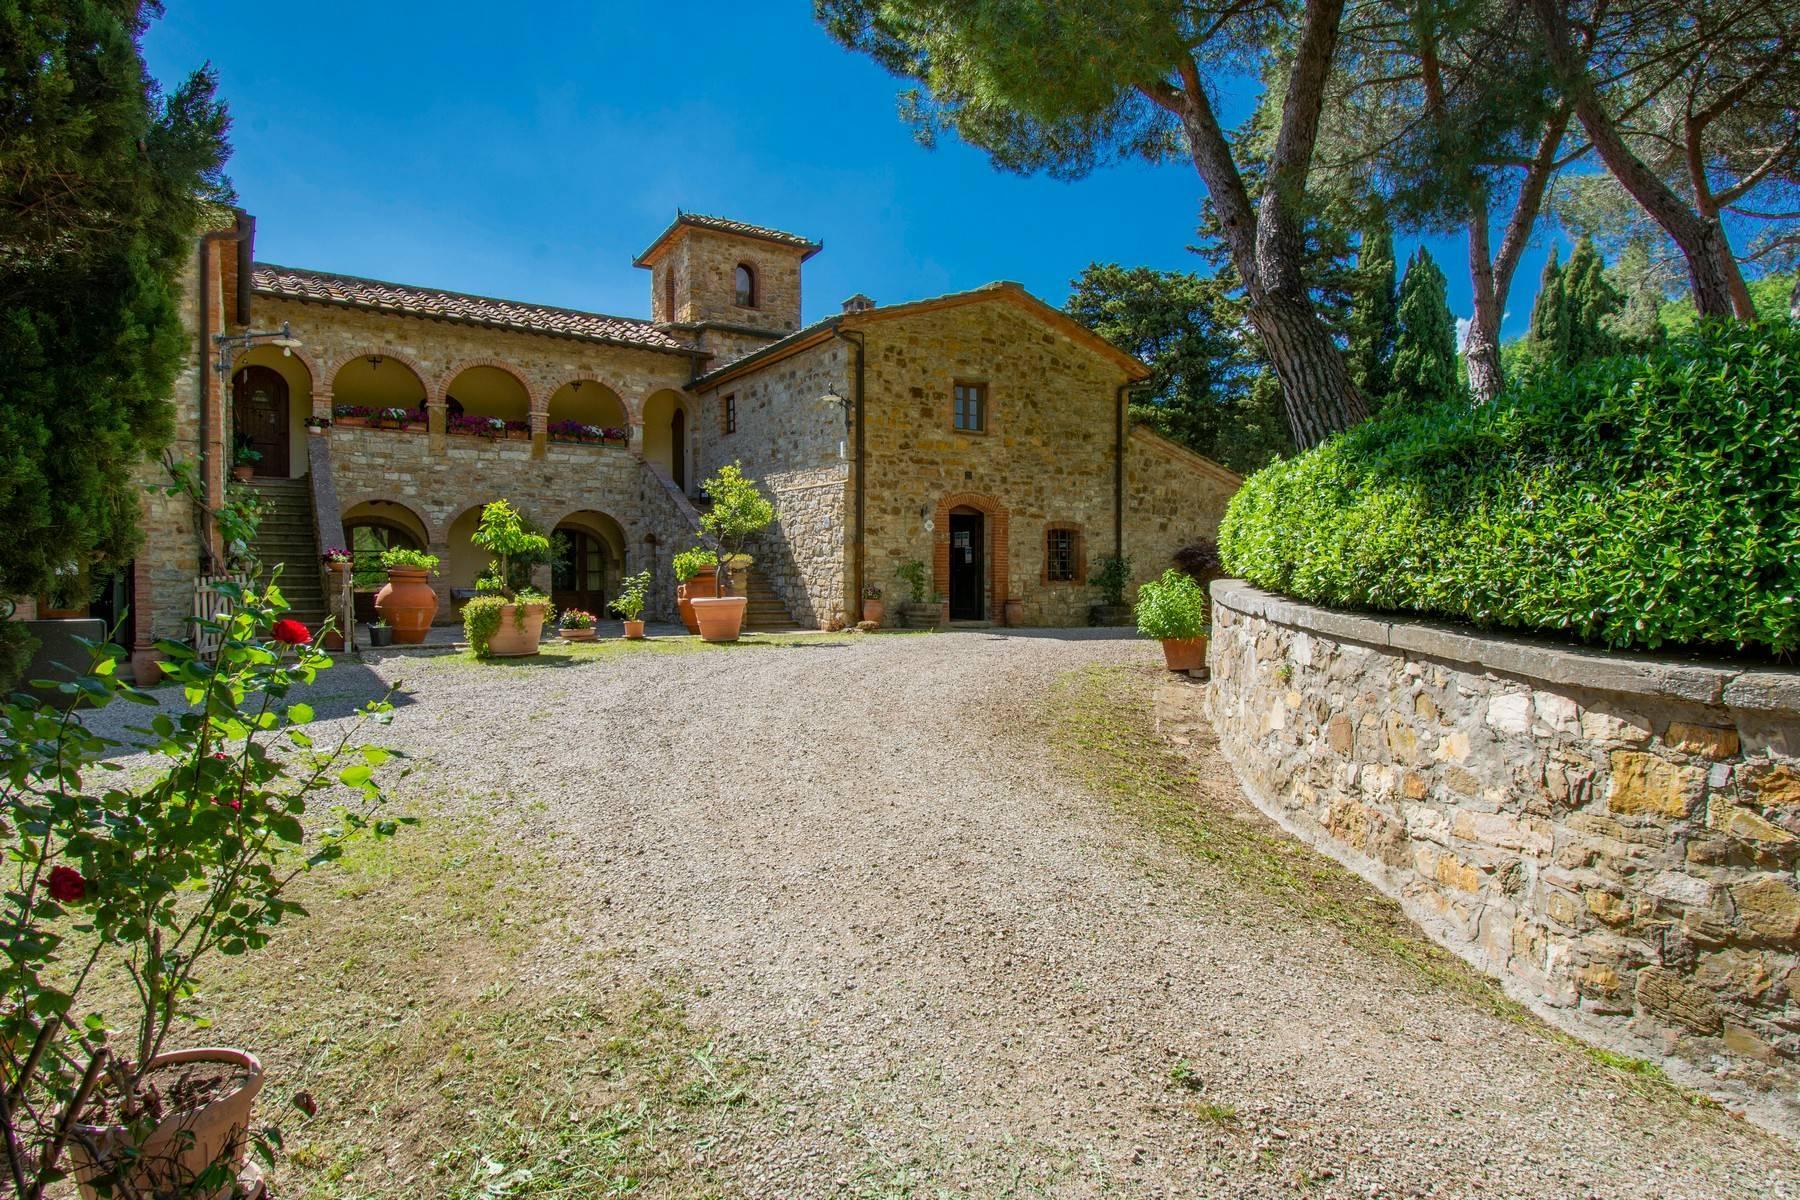 Esclusive wine estate in the heart of Chianti classico - 4